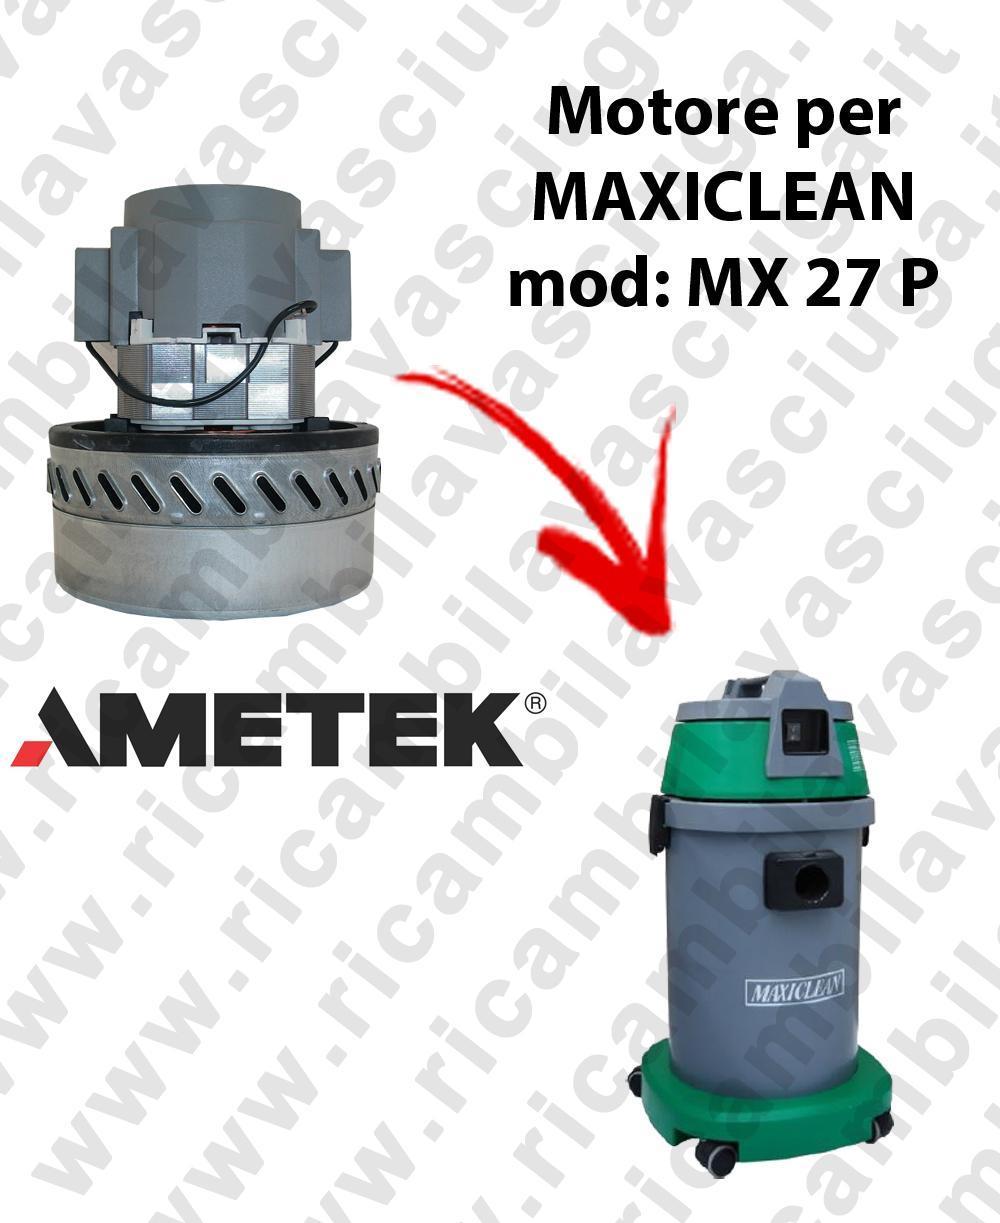 MX 27 P Motore de aspiración AMETEK para aspiradora y aspiradora húmeda MAXICLEAN